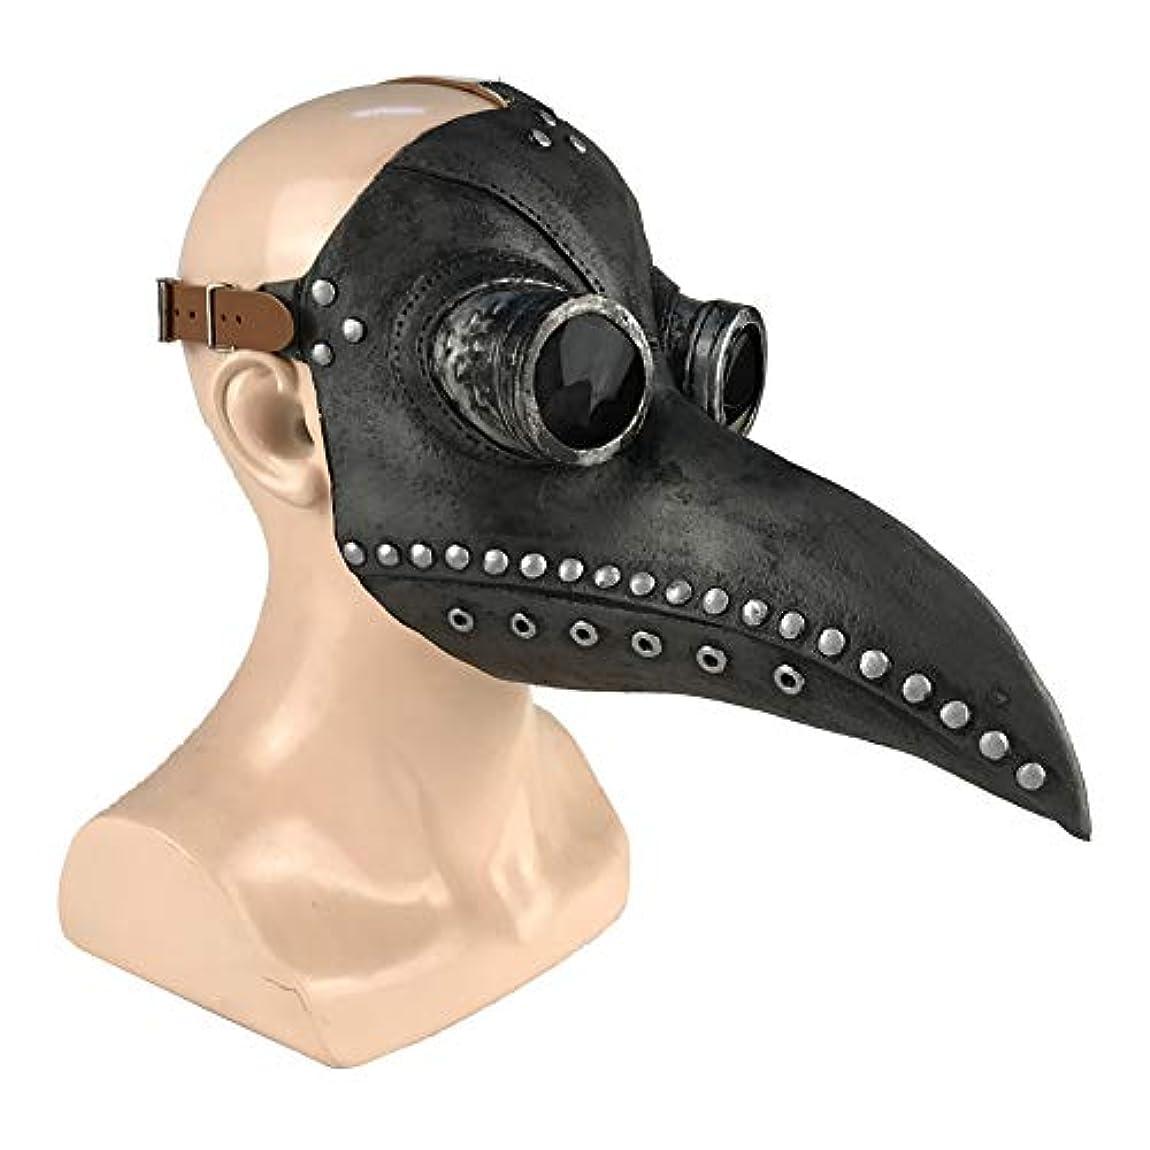 維持する区分類Esolom ハロウィンマスク ペストスチーム喙ドクターマスク ホリデーパーティー用品 黒 銅の爪 ホラーマスク ハロウィンデコレーション 通気性